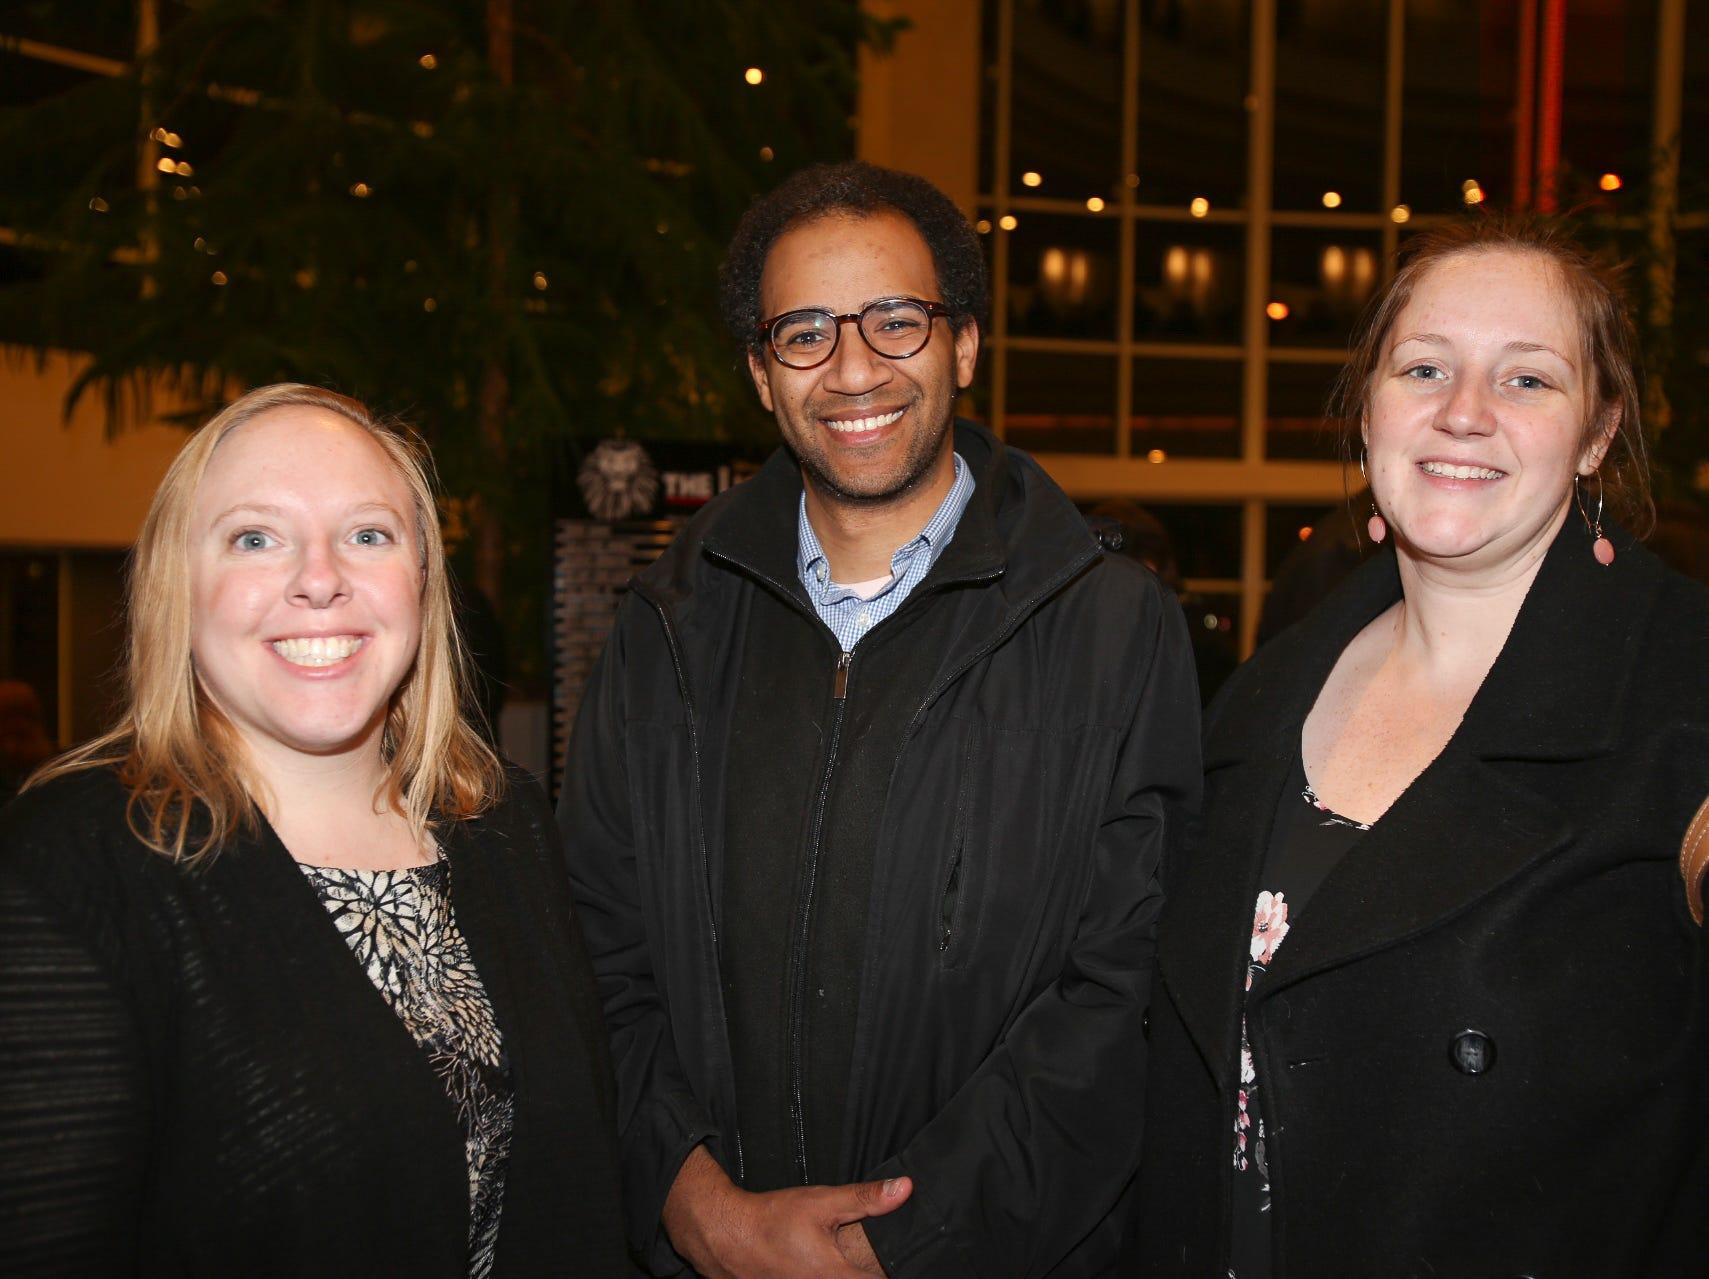 Heather Lewellen, Christopher Wilding, and Erin Dooley